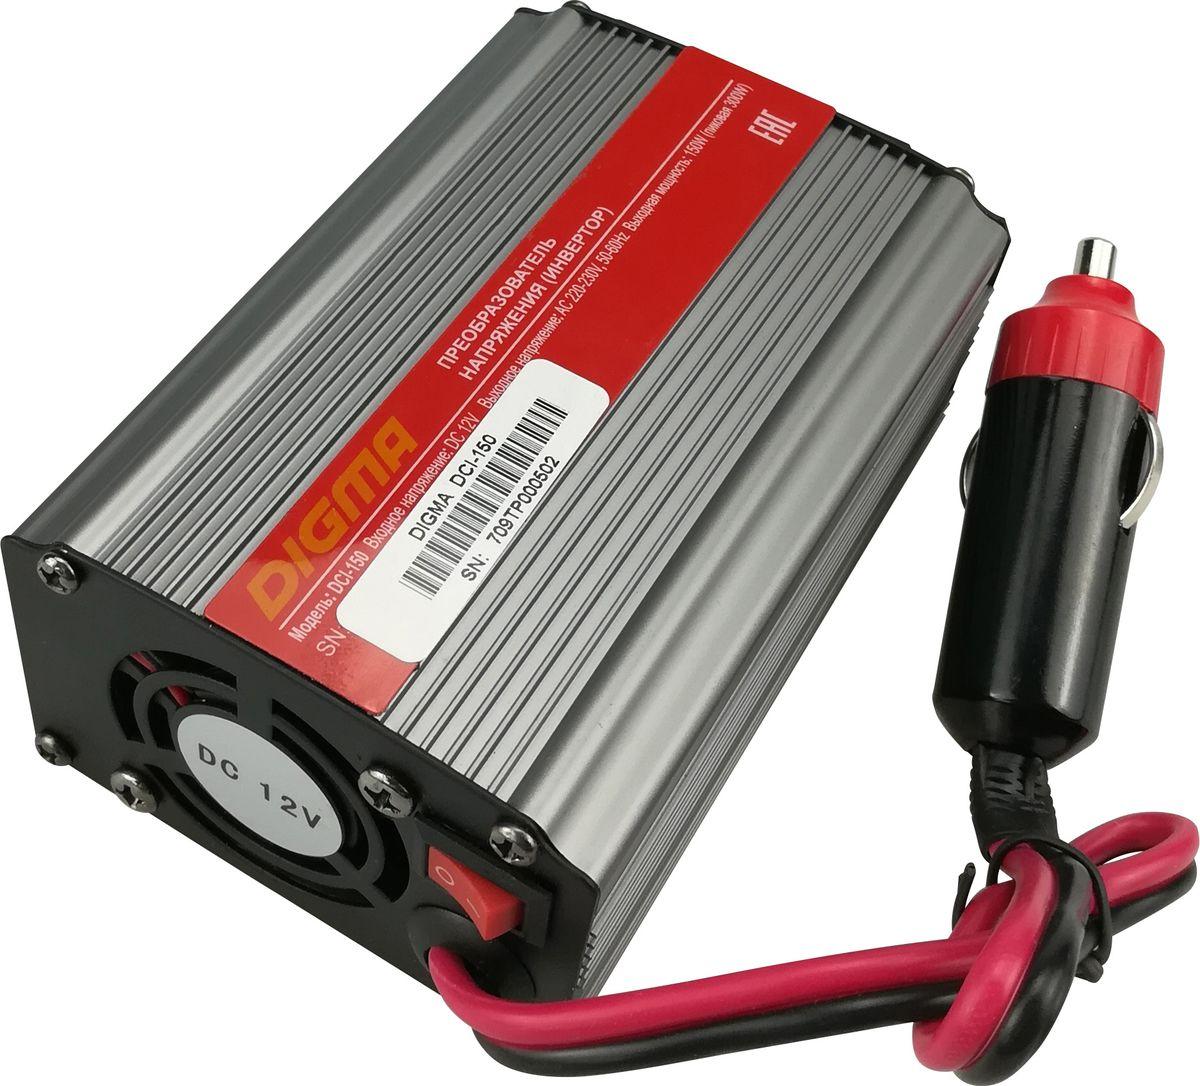 Digma DCI-150 автоинвертерAPI-1000-06Способ подключения к аккумулятору: прикуриватель Порт USBЗащита от неправильной полярности Защита от перегрузок Кратковременная пиковая мощность: 300 Вт Выходная мощность: 150 Вт Входное напряжение (DC): 11-15В Выходное напряжение (AC): 230 Размеры: 70x46x125ммСрок гарантии: 12 мес.